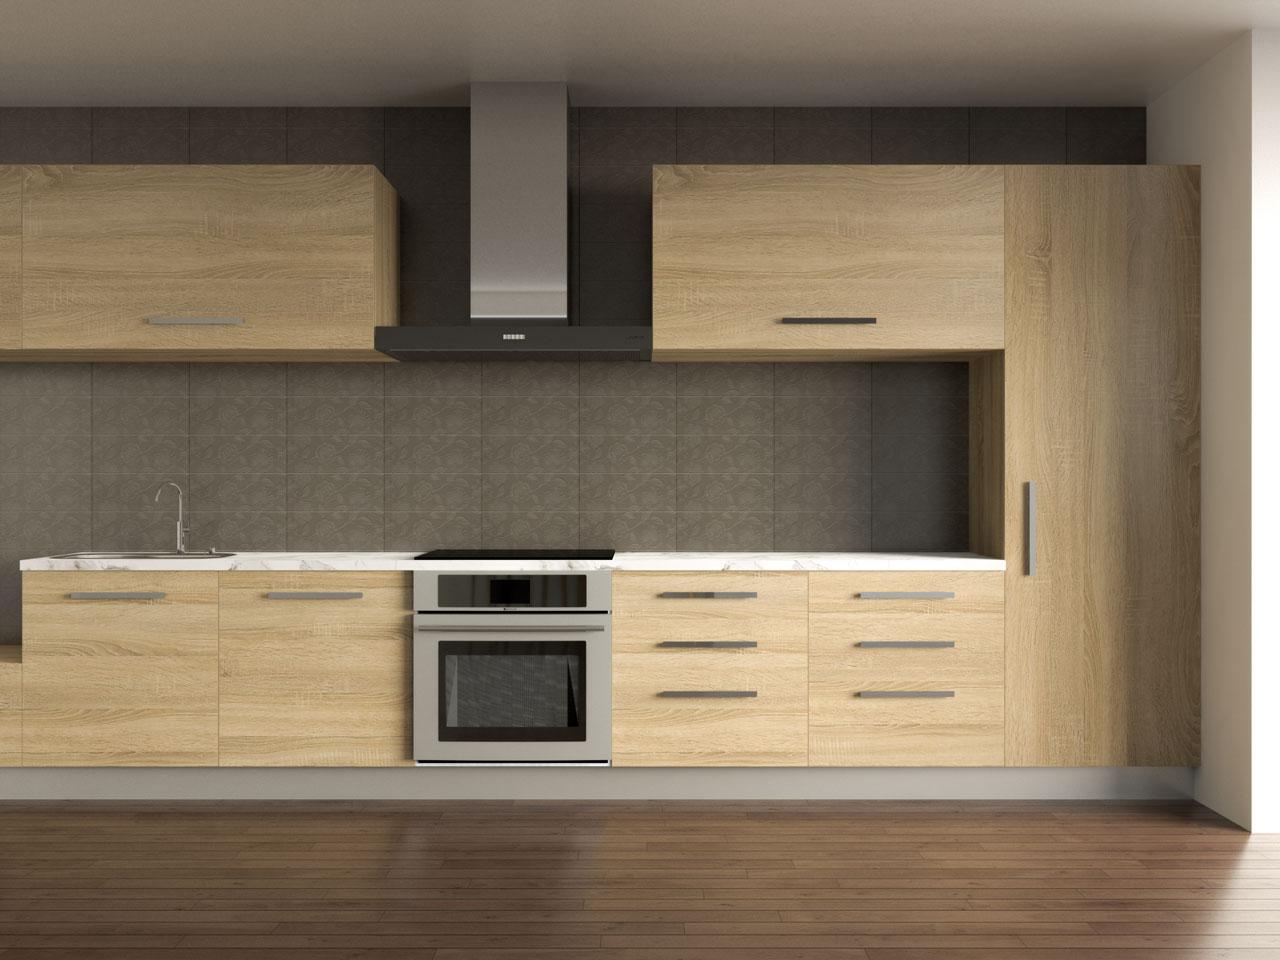 Mousy indigo tile backsplash with oak cabinets